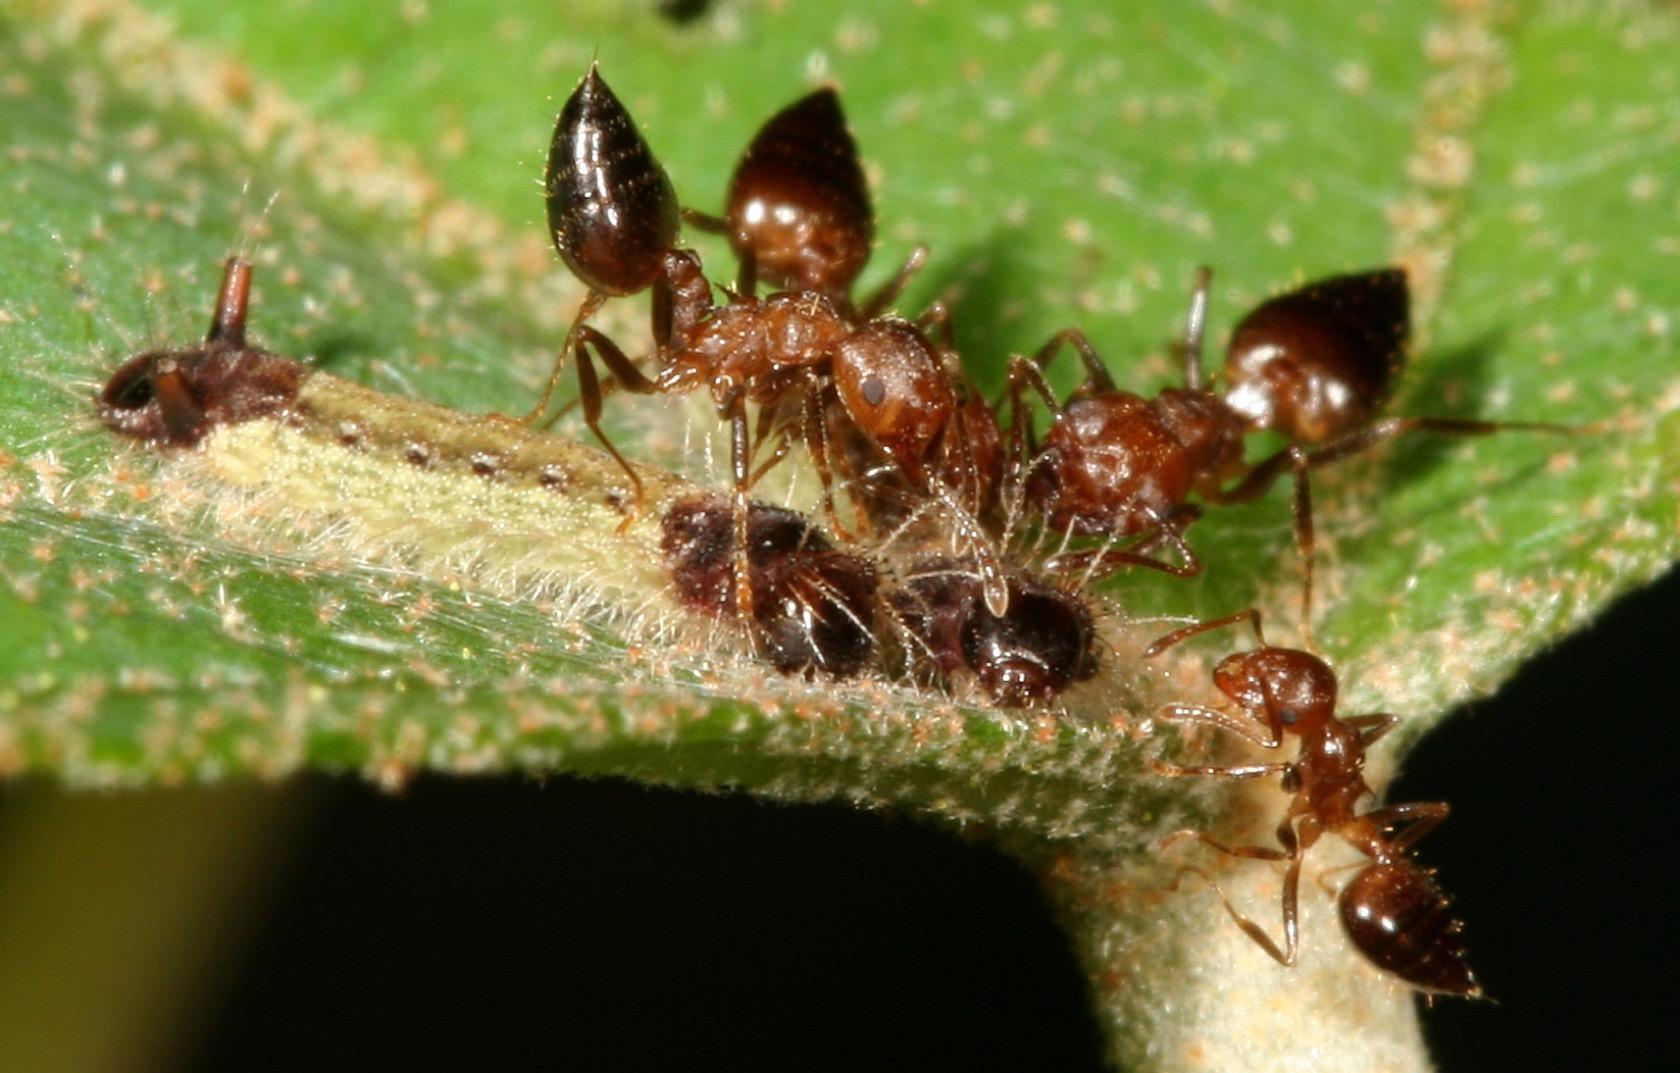 正在被舉尾蟻照護的虎灰蝶幼蟲(圖片提供王俊凱)